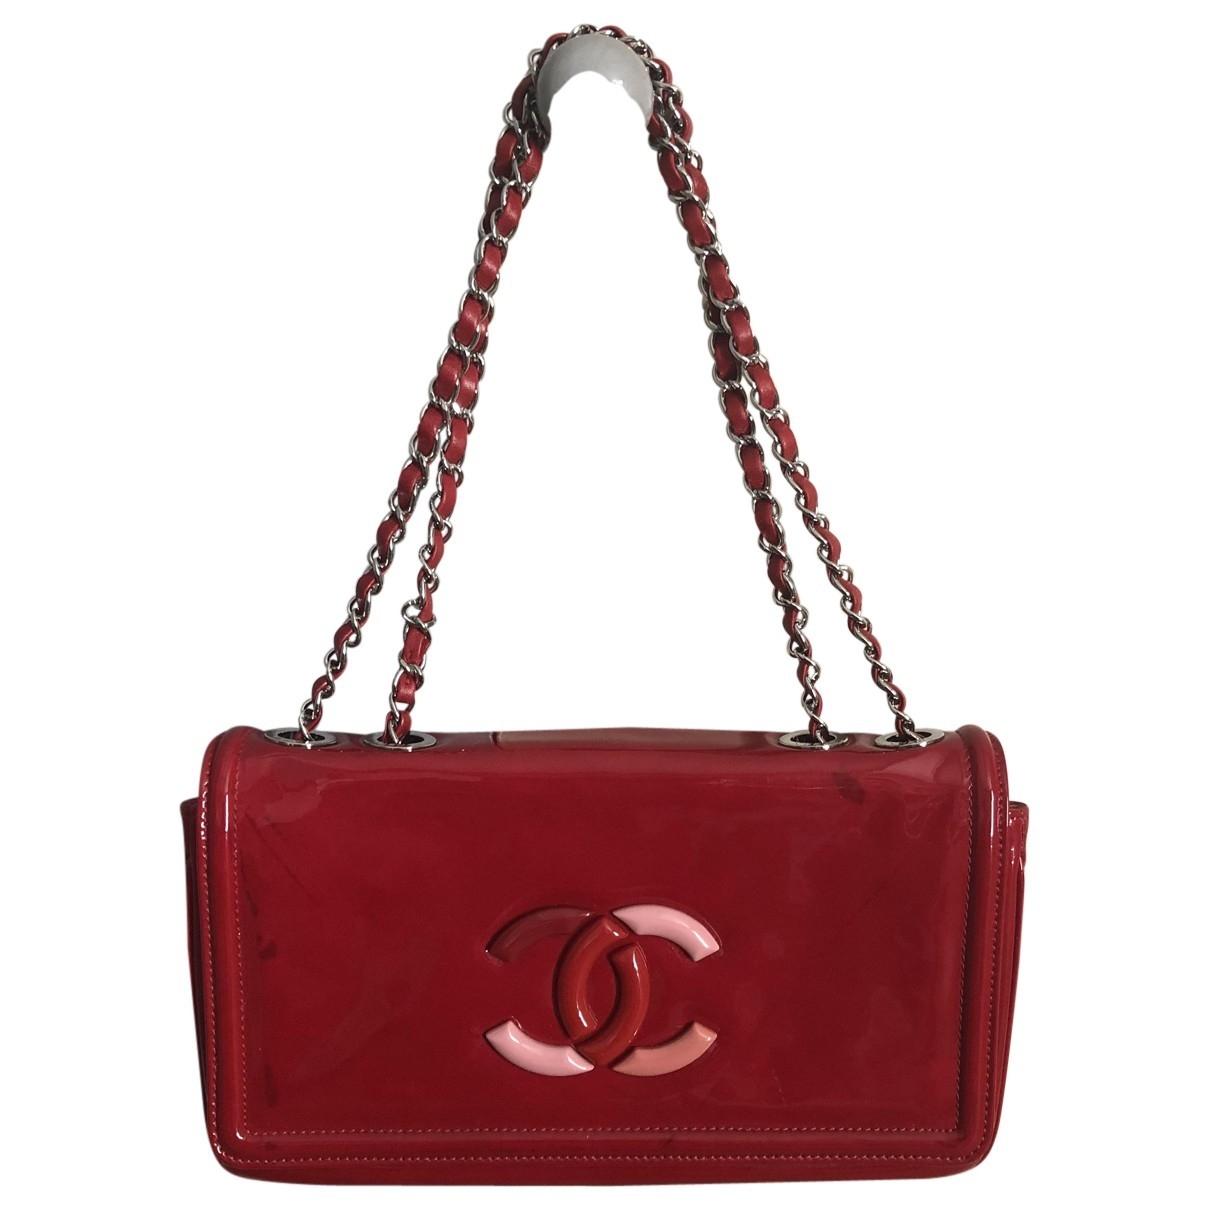 Chanel \N Handtasche in  Rot Lackleder